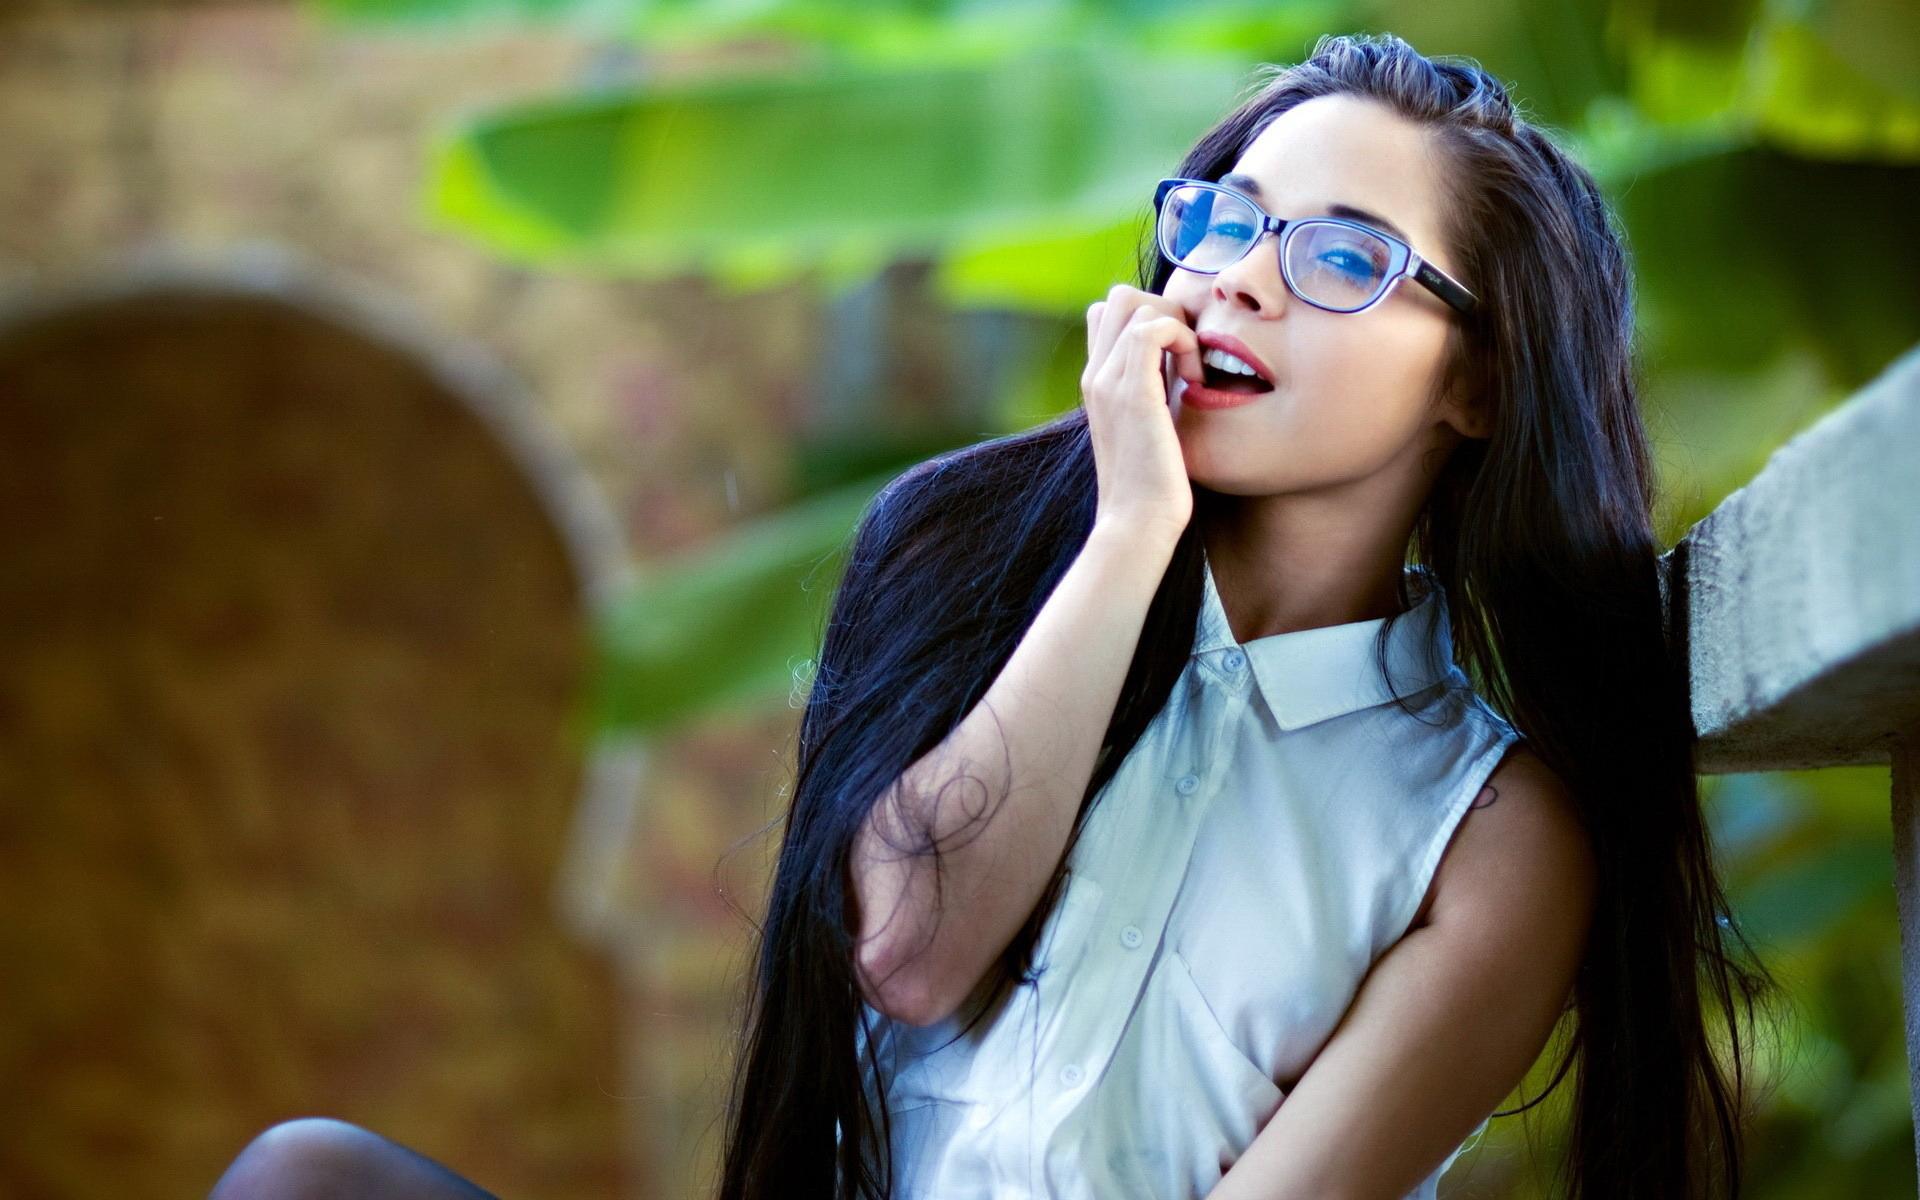 Картинка: Девушка, длинноволосая, очки, улыбка, взгляд, сидит